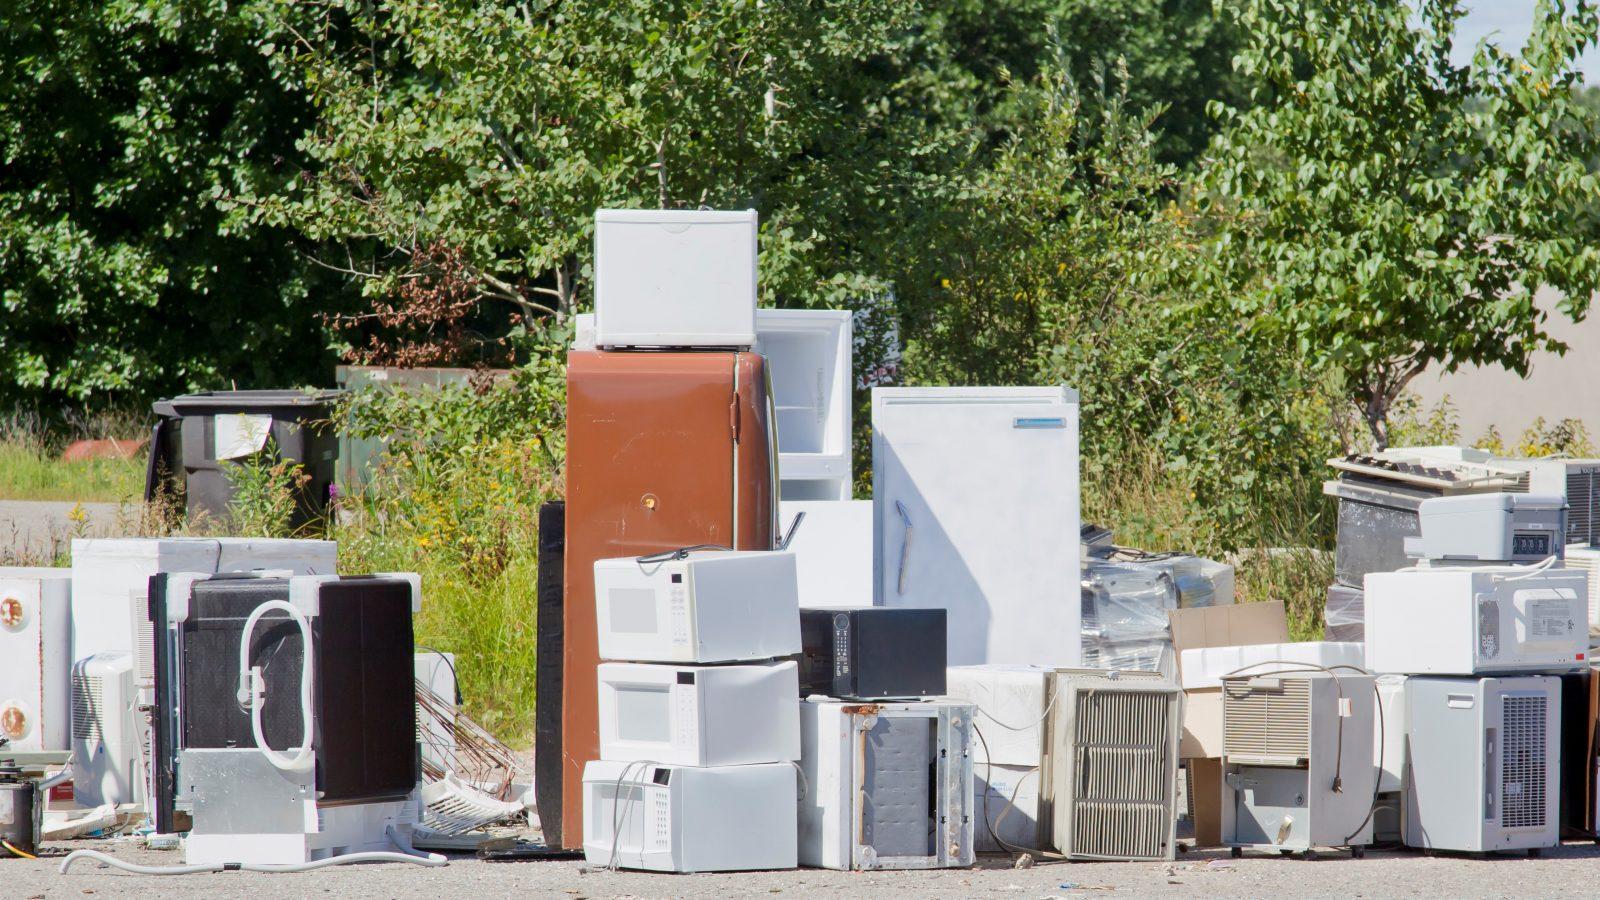 Collecte de rebuts encombrants: les appareils électroniques et réfrigérants exclus de la liste